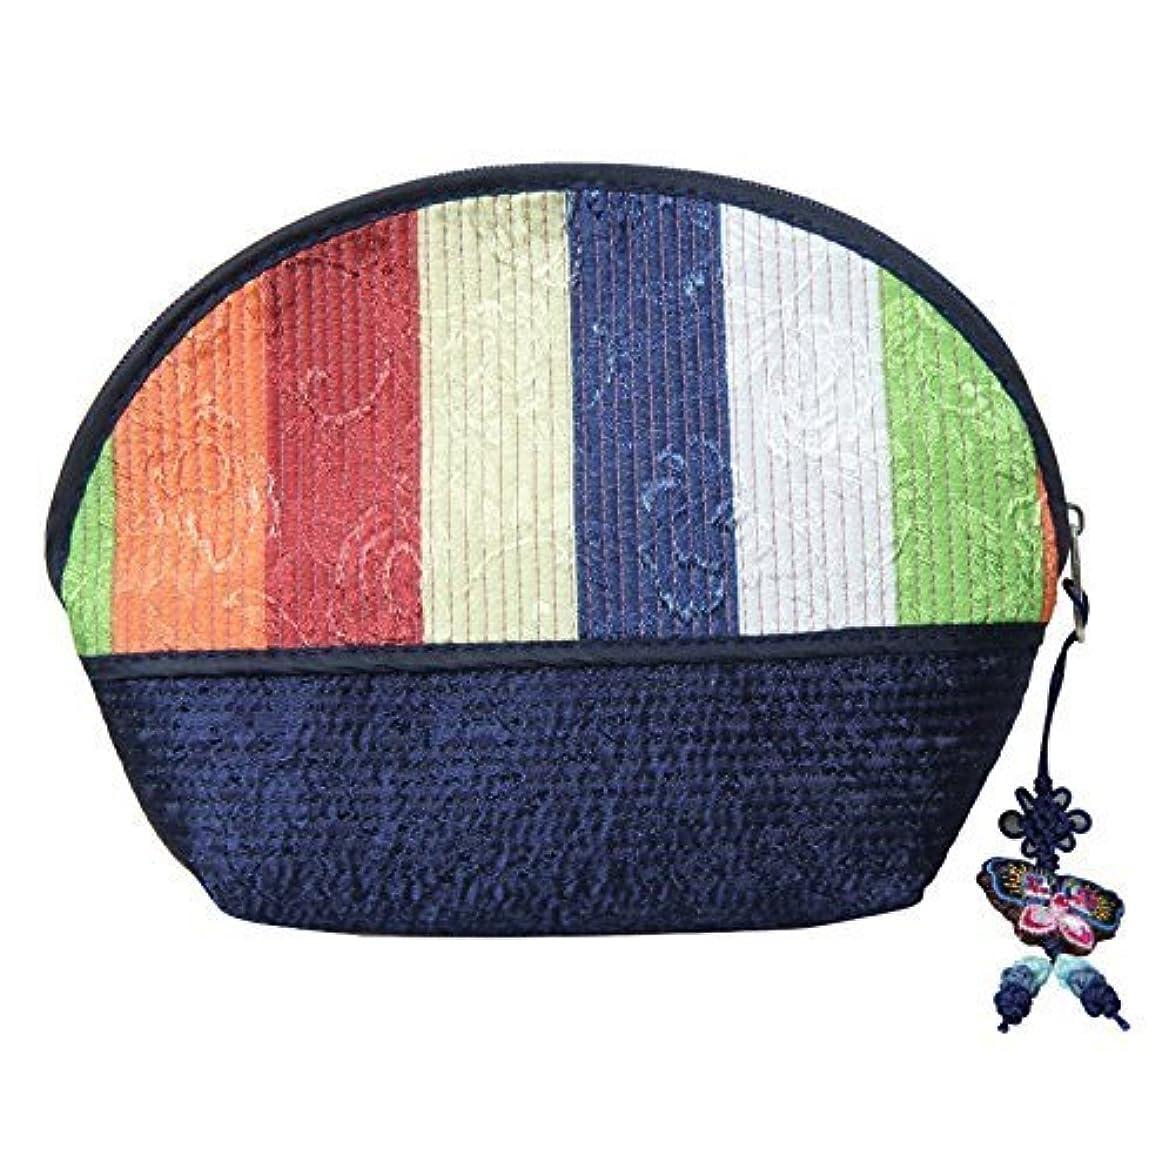 マーチャンダイザー郵便物ダンスCosmetic Pouch Navy / 韓国の伝統的なパターン/韓国のお土産の贈り物 [並行輸入品]